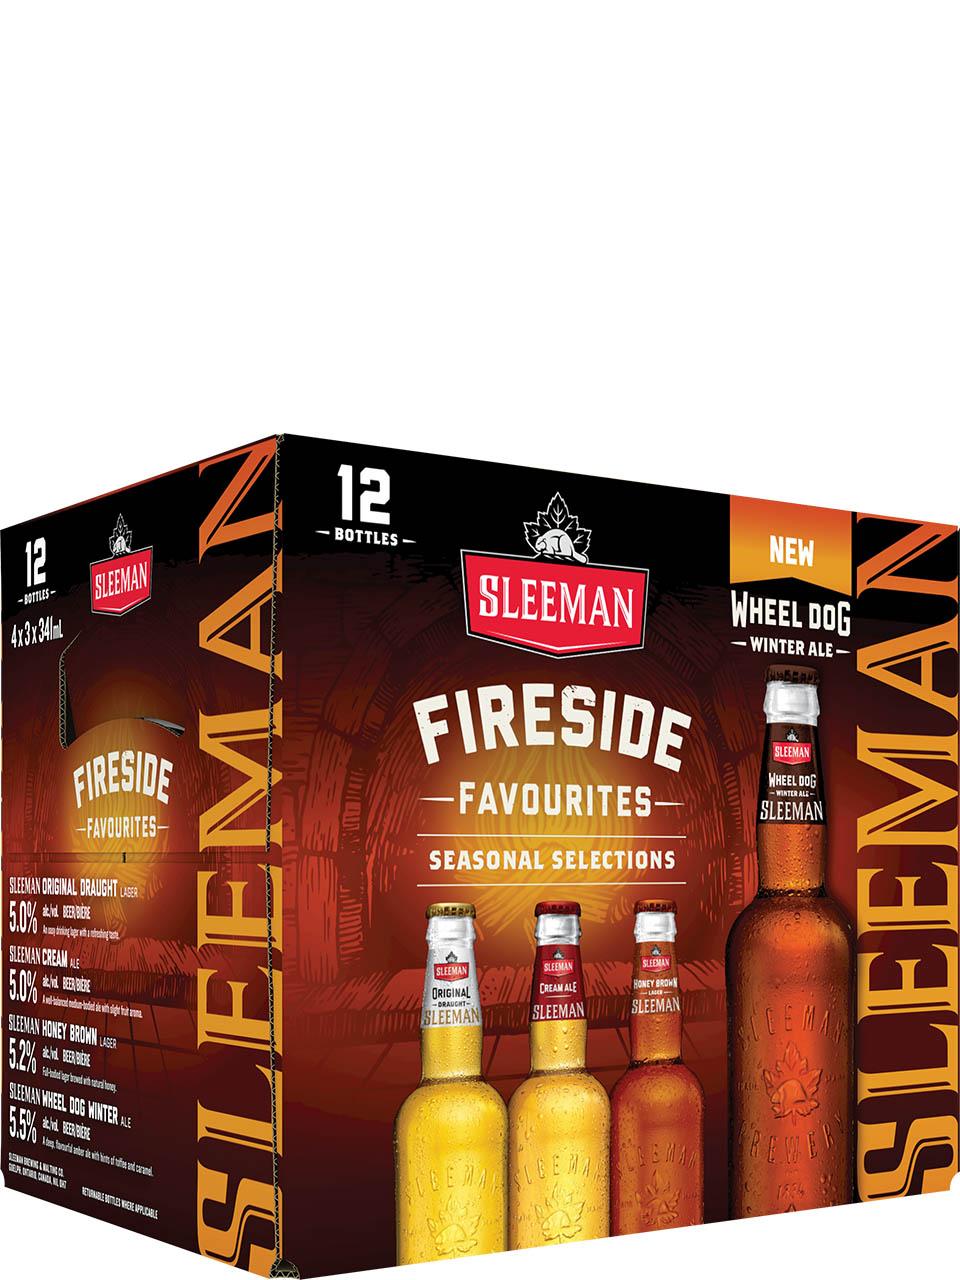 Sleeman Fireside Favourites 12 Pack Bottles